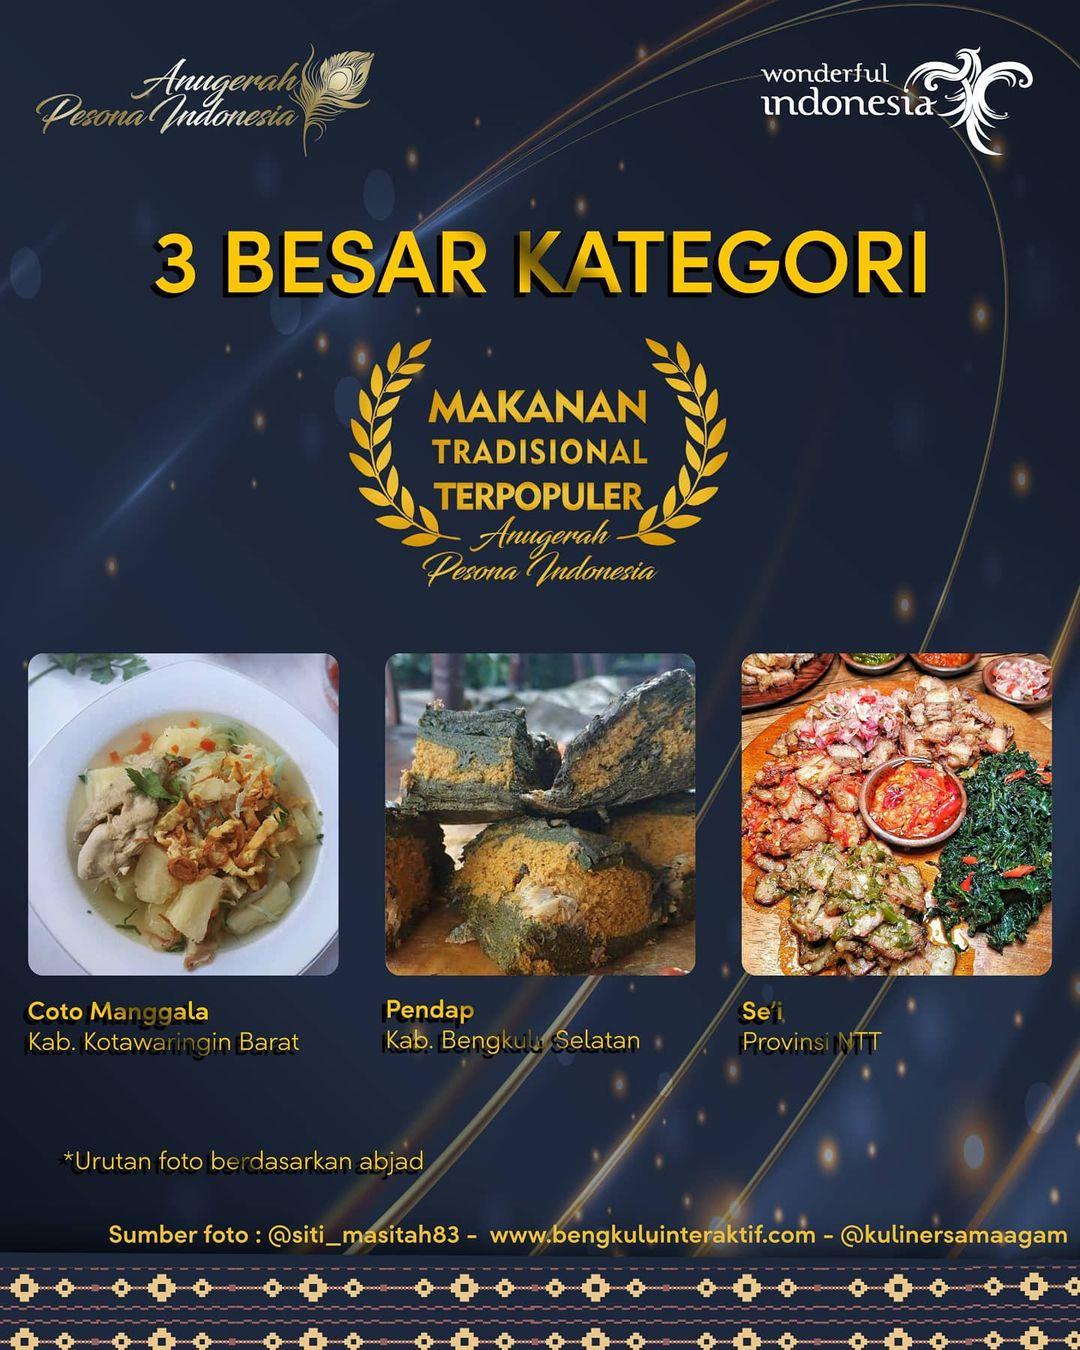 'i Masuk dalam Nominasi Makanan Tradisional Terpuler Anugerah Pesona Indonesia